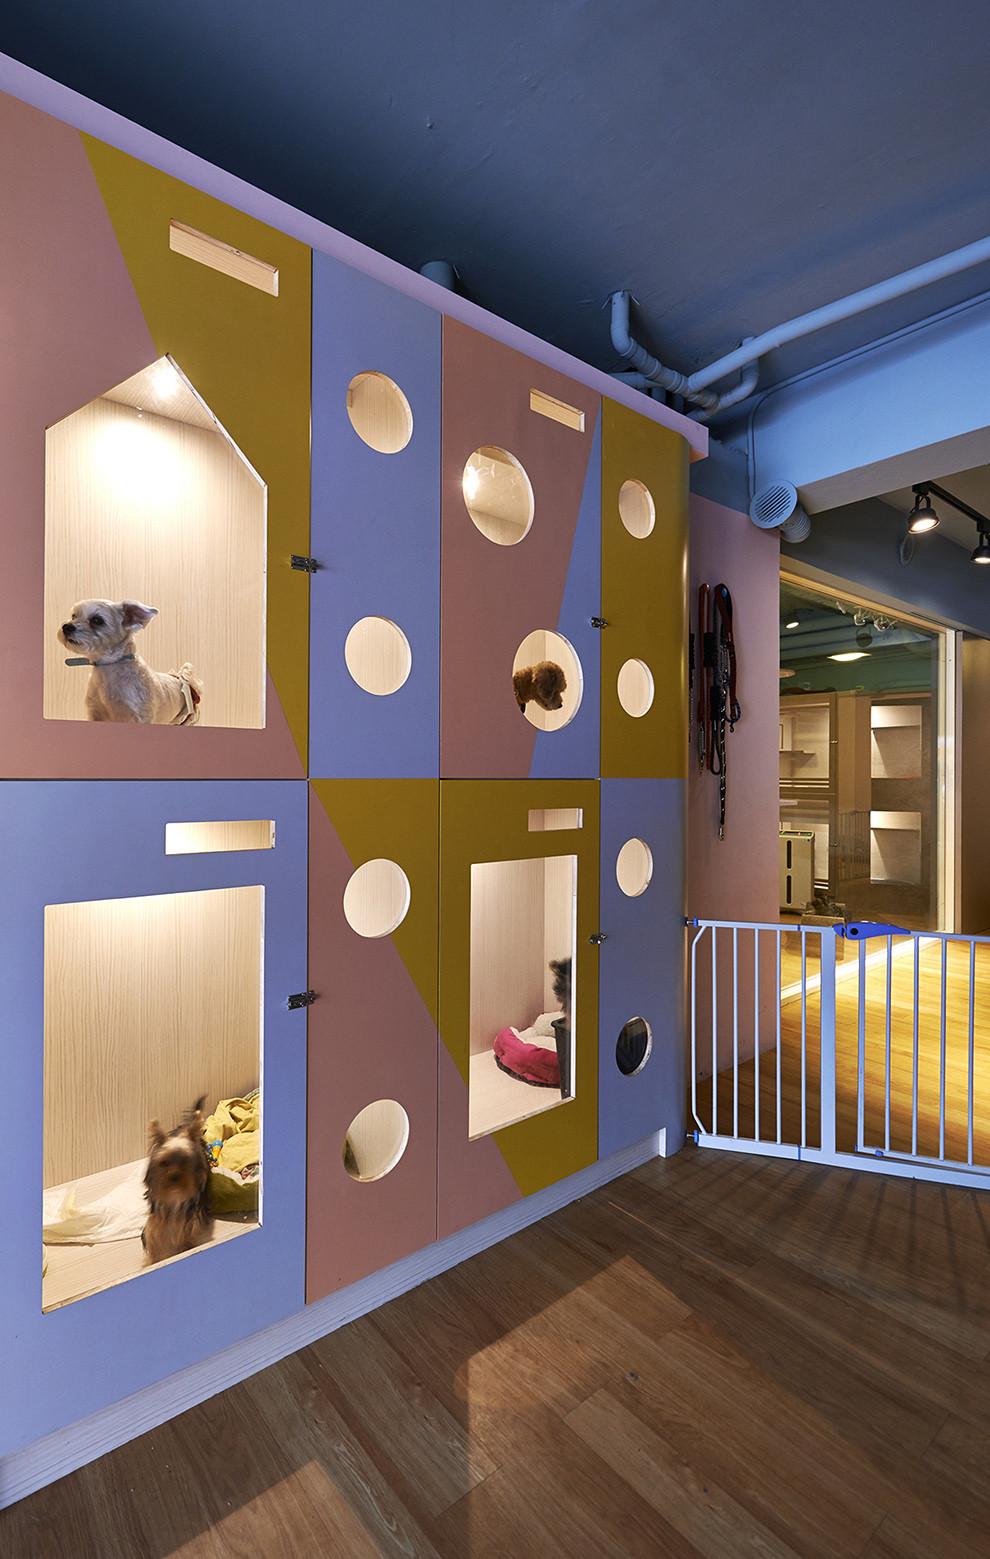 Galeria de hotel petaholic sms design 2 for 4 design hotel saccharum